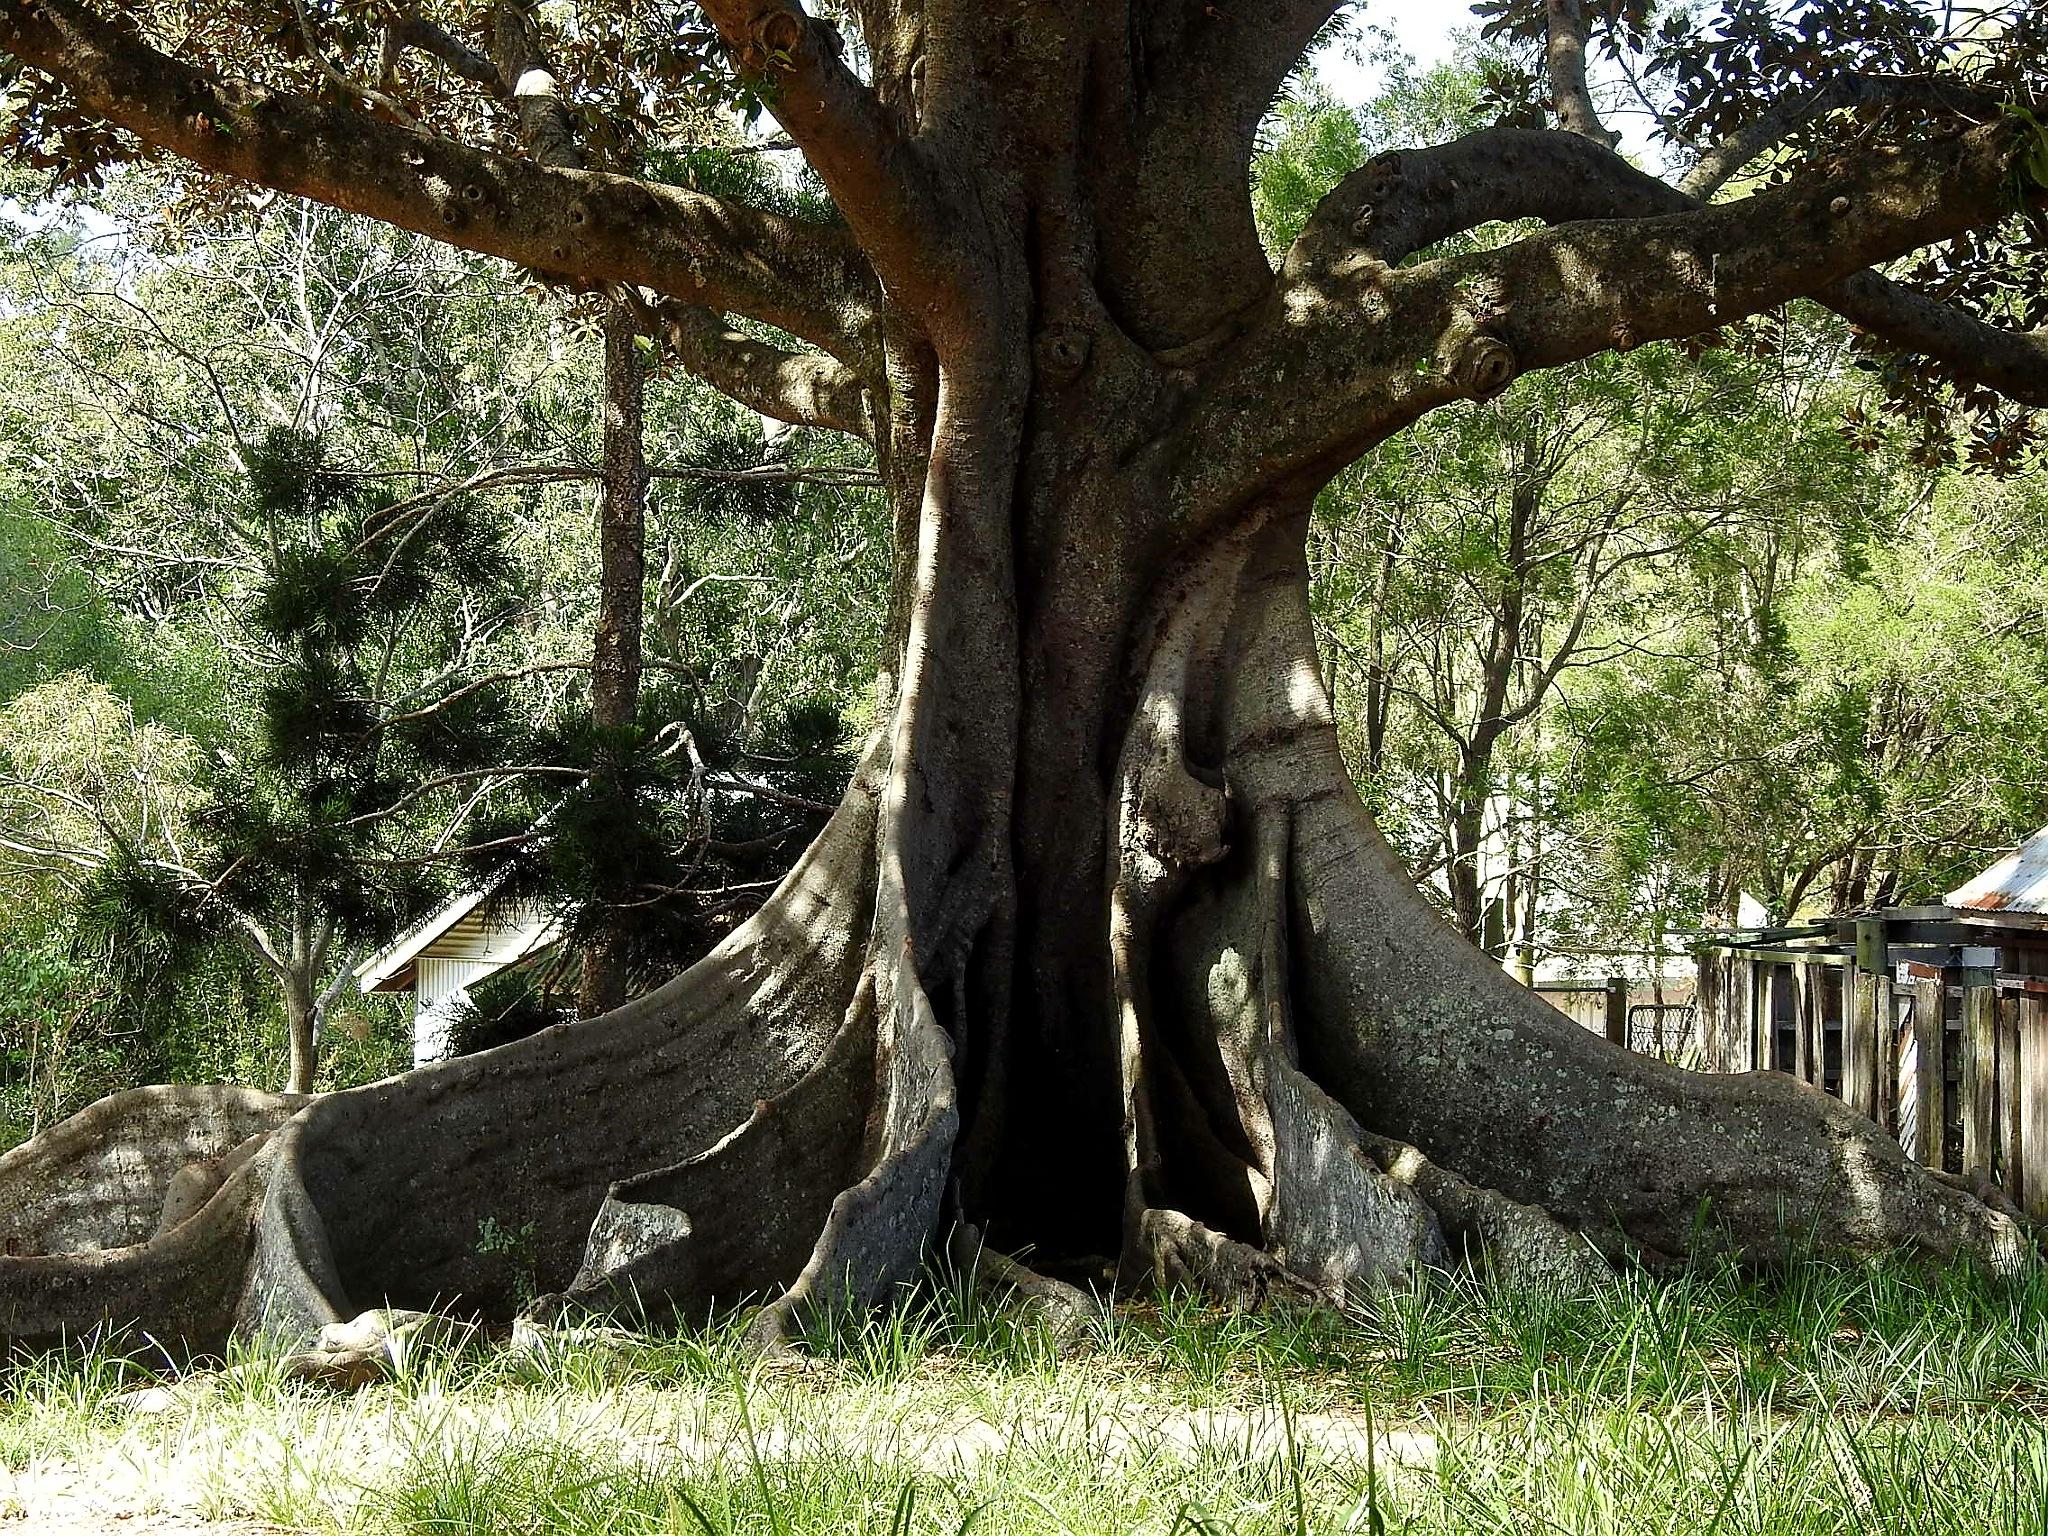 Old tree trunk. by Michael De St Pern